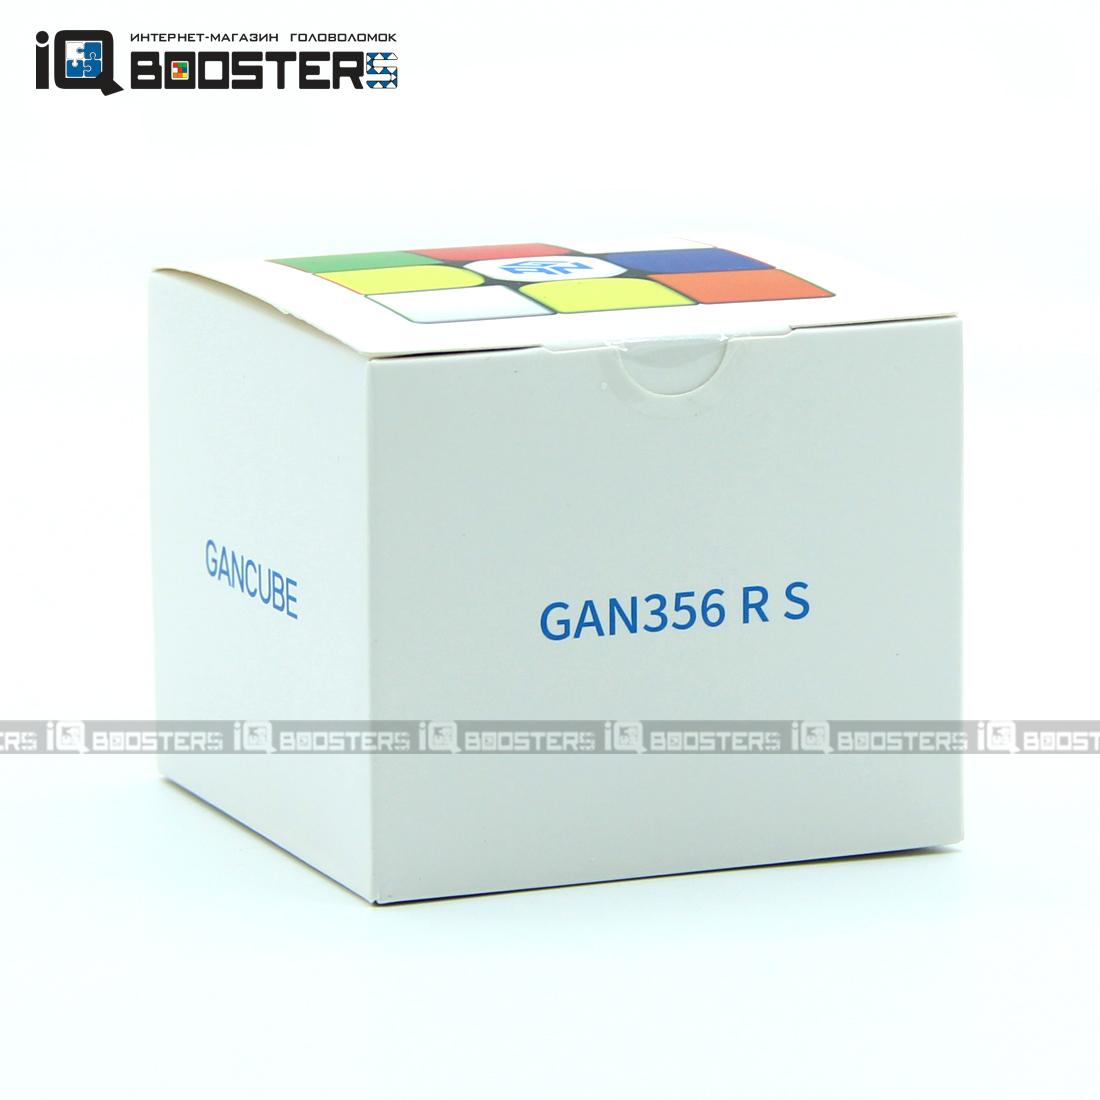 gan_356_rs_06